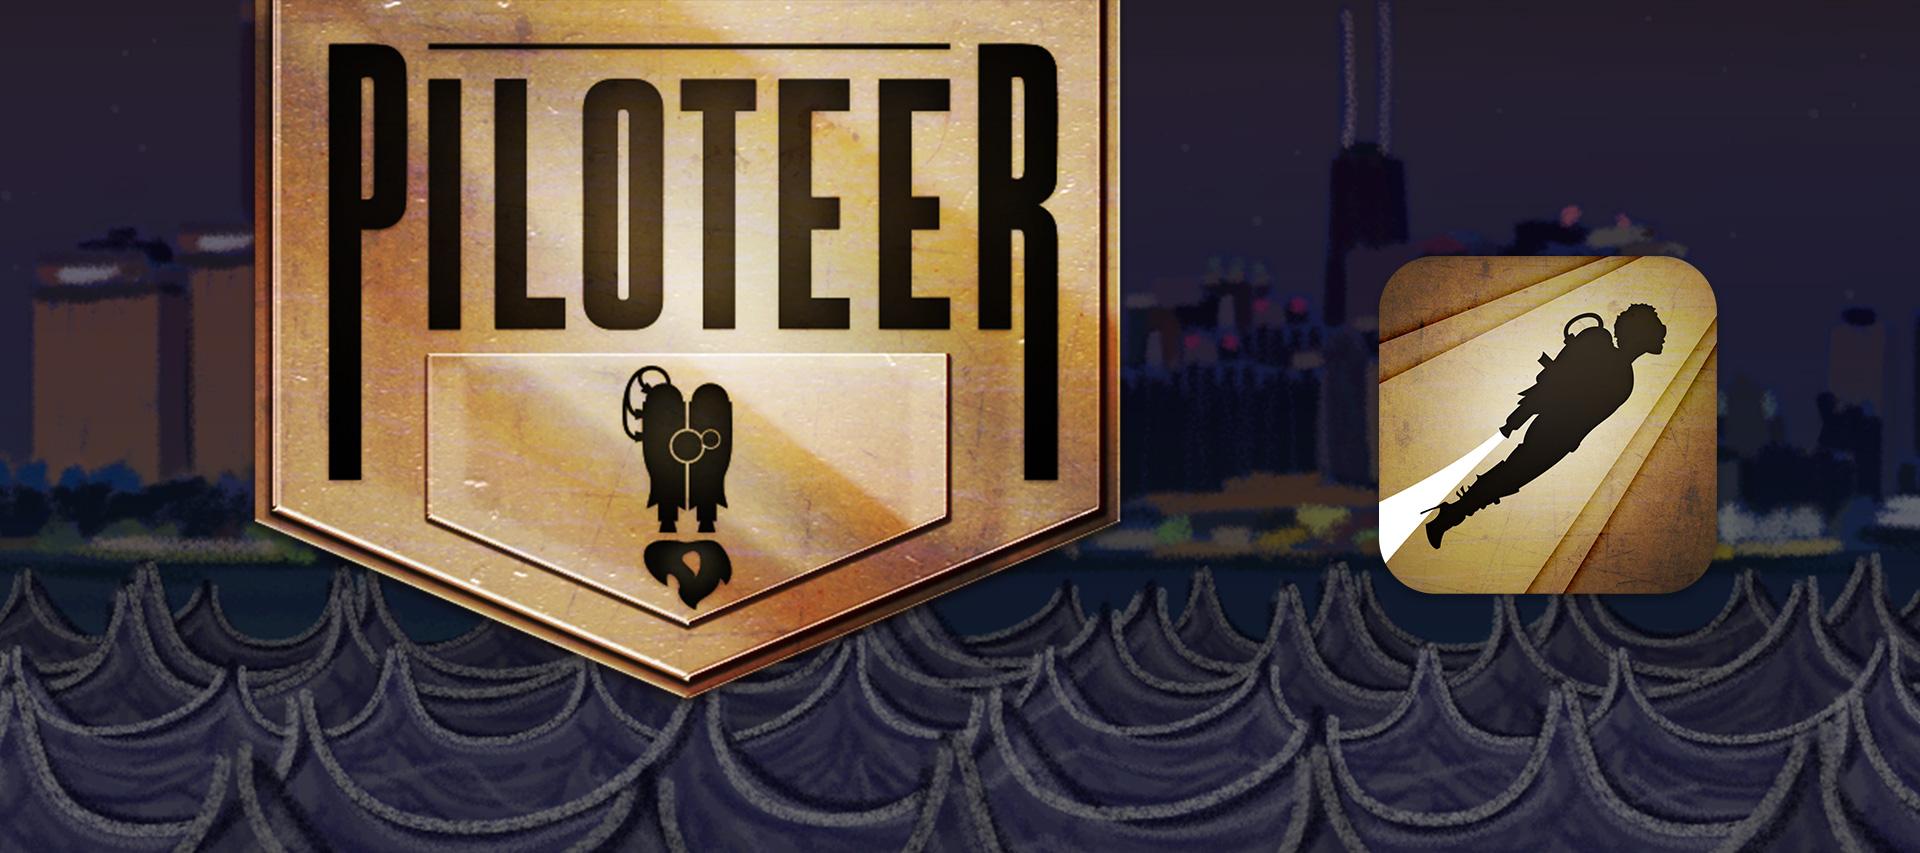 Piloteer - Logo, Icon & UI